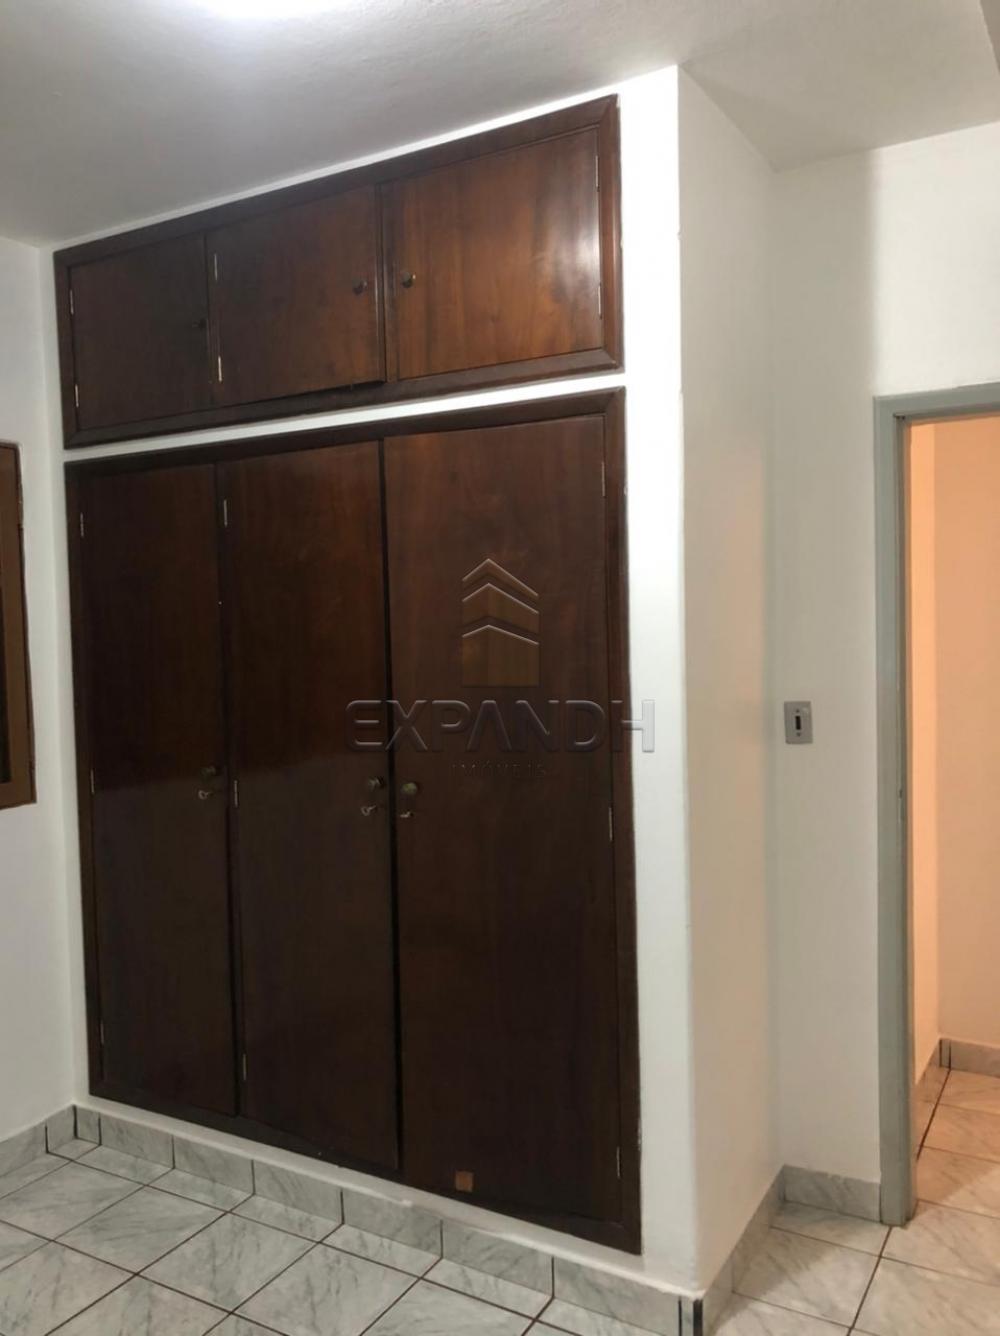 Alugar Casas / Padrão em Sertãozinho R$ 1.000,00 - Foto 7